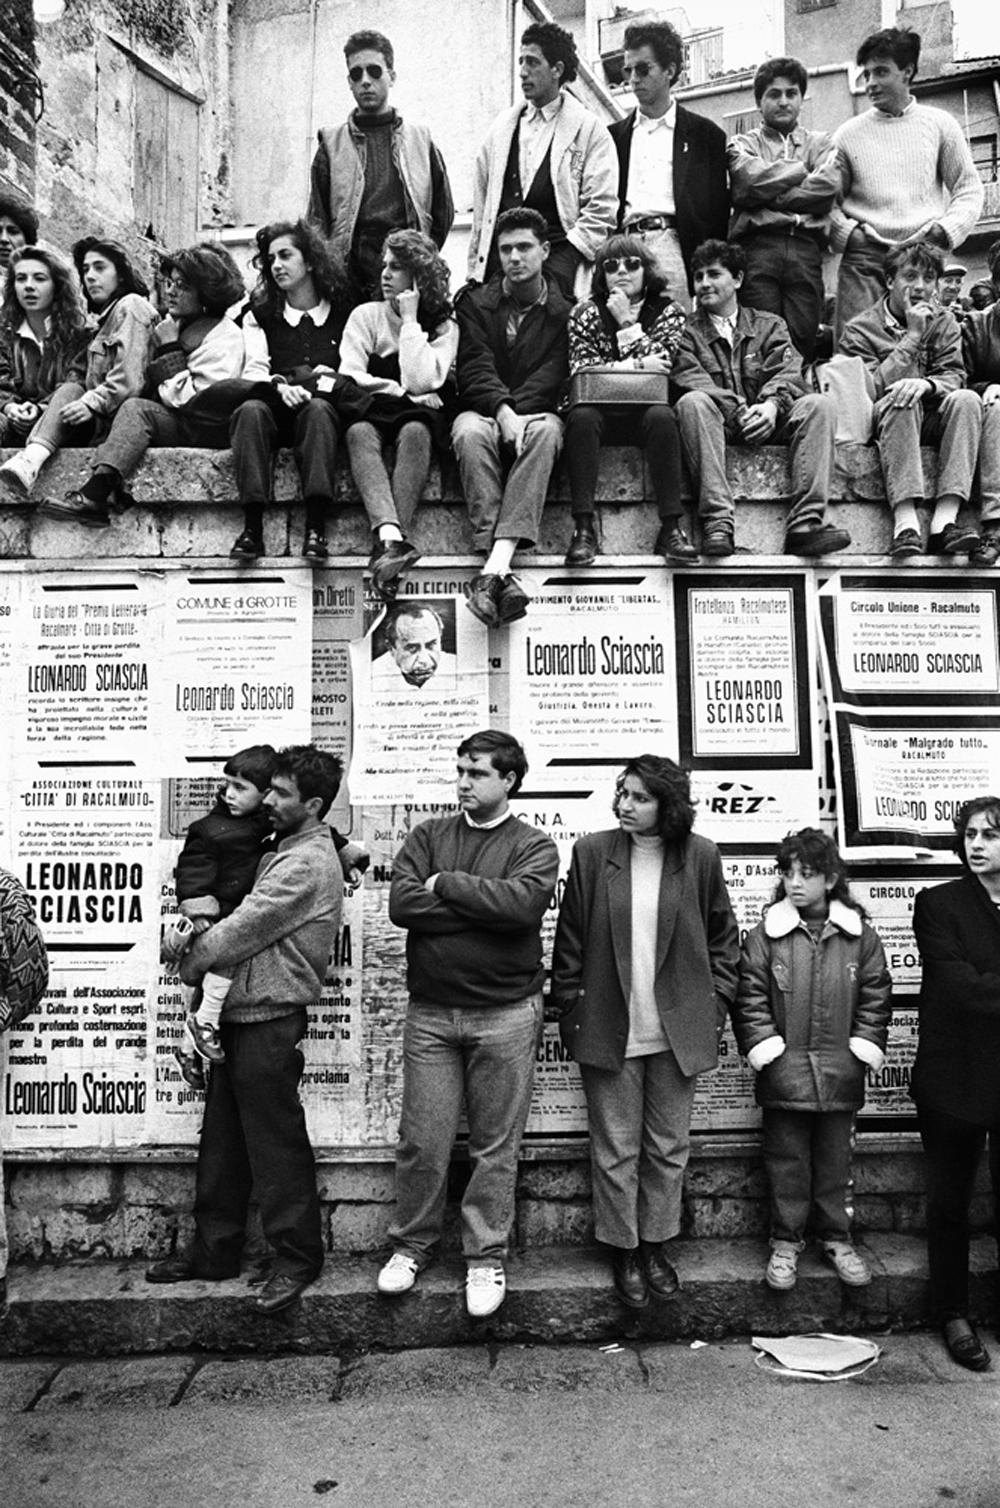 Funerale di Leonardo Sciascia, Racalmuto, 1989.  - Tony Gentile, Postcart edizioni